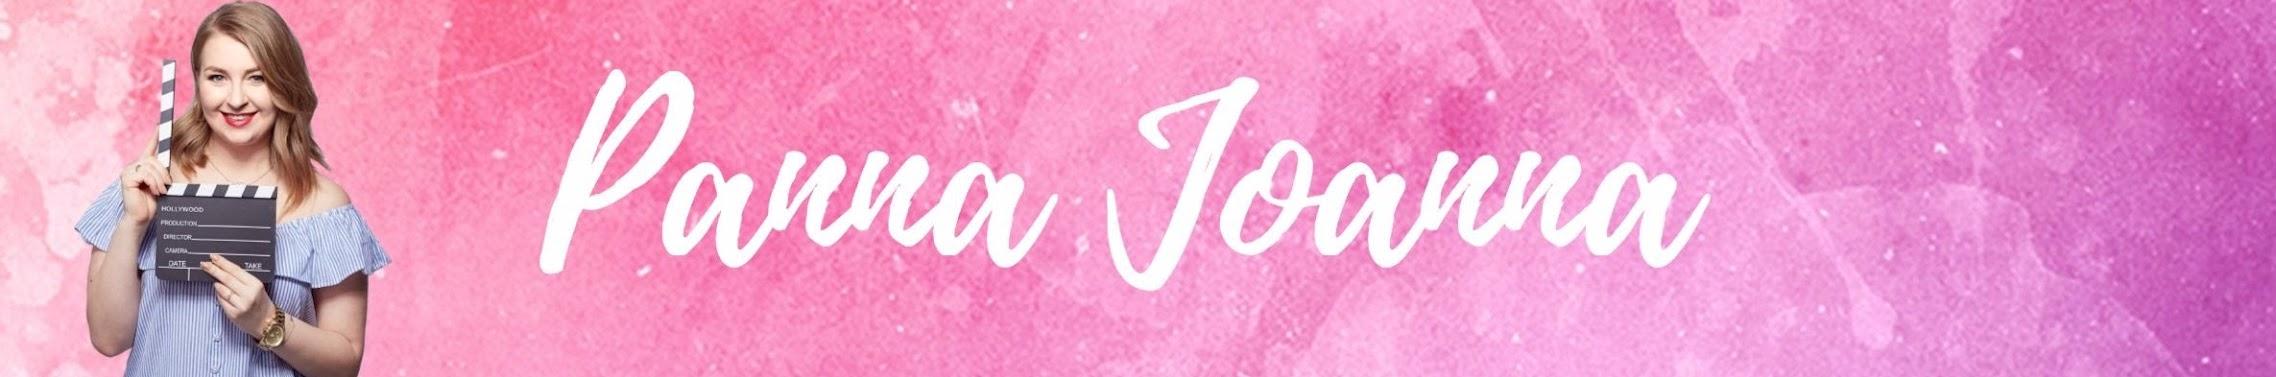 Panna Joanna